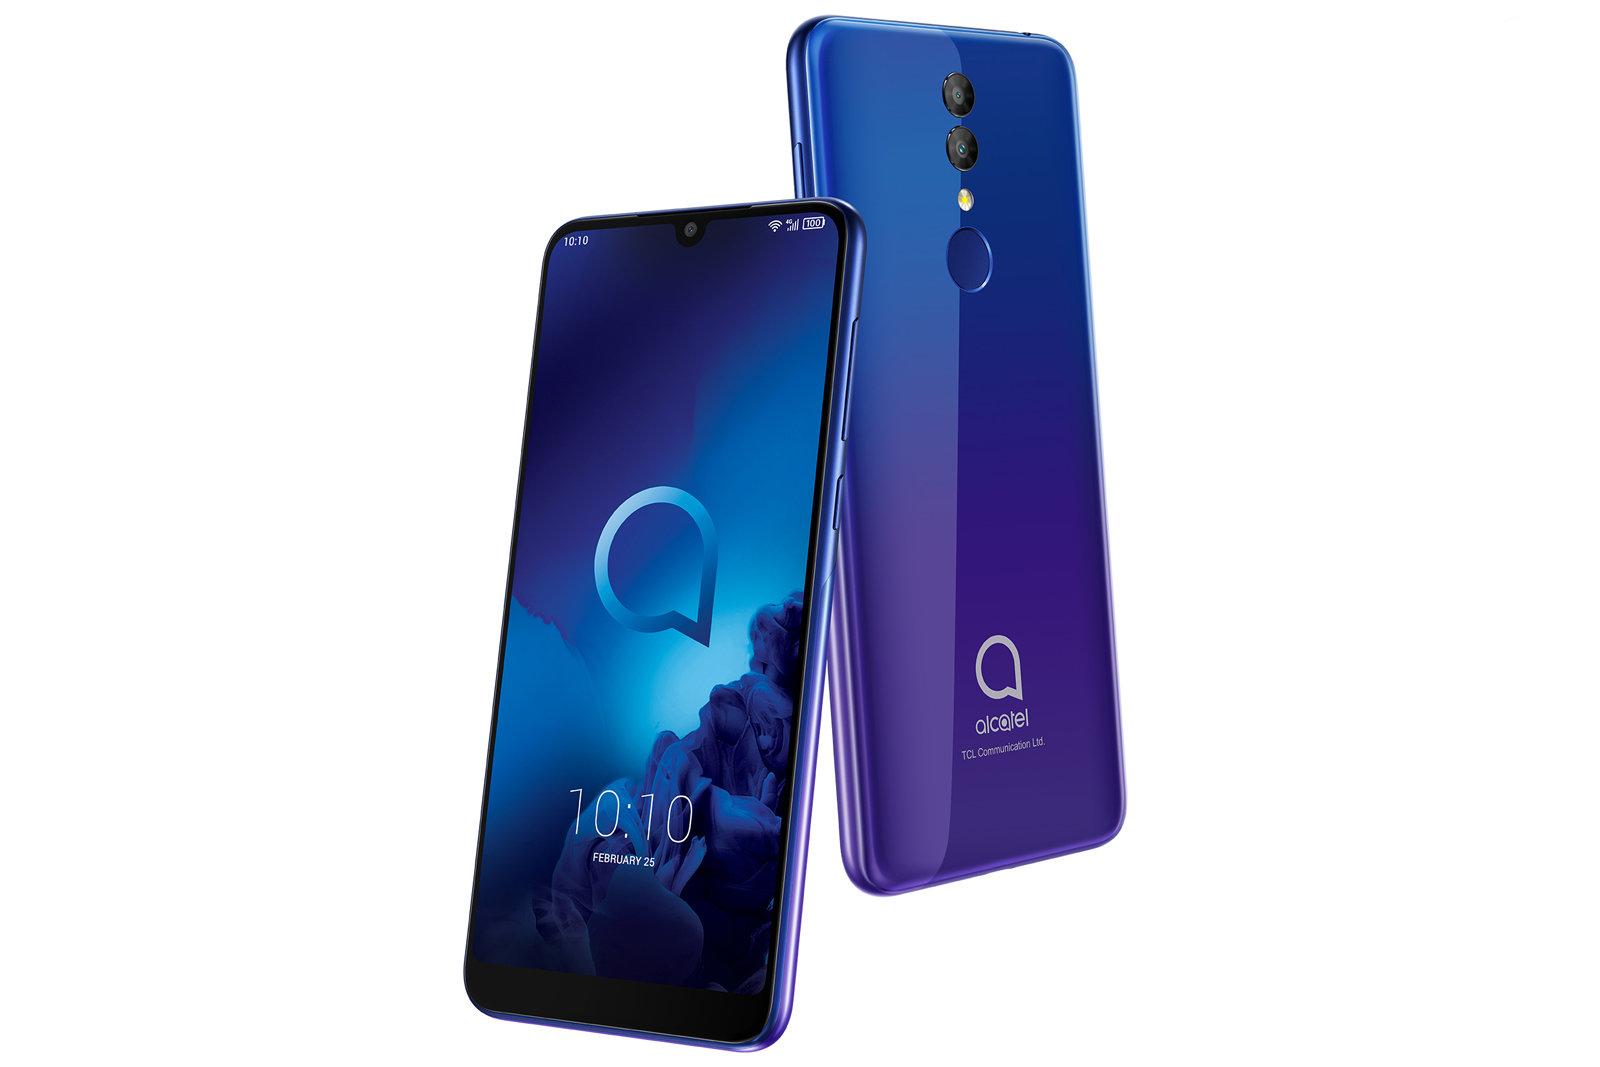 alcatel 3 3l 1s smartphones - آلکاتل از محصولات جدید خود در نمایشگاه MWC 2019 رونمایی کرد